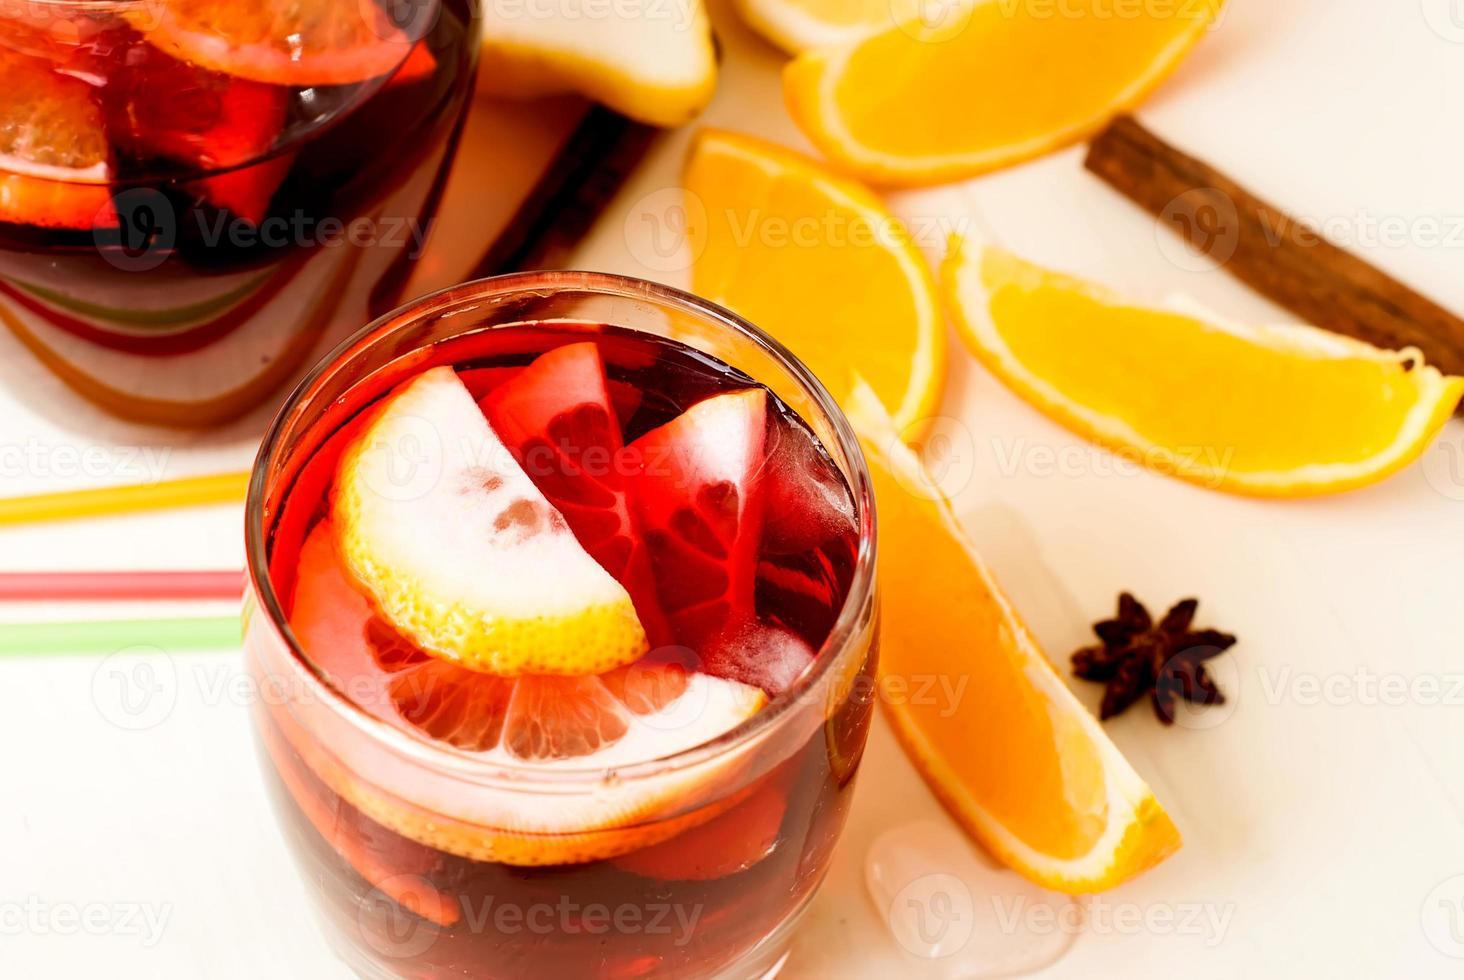 uppfriskande frukt sangria. sommardrink foto